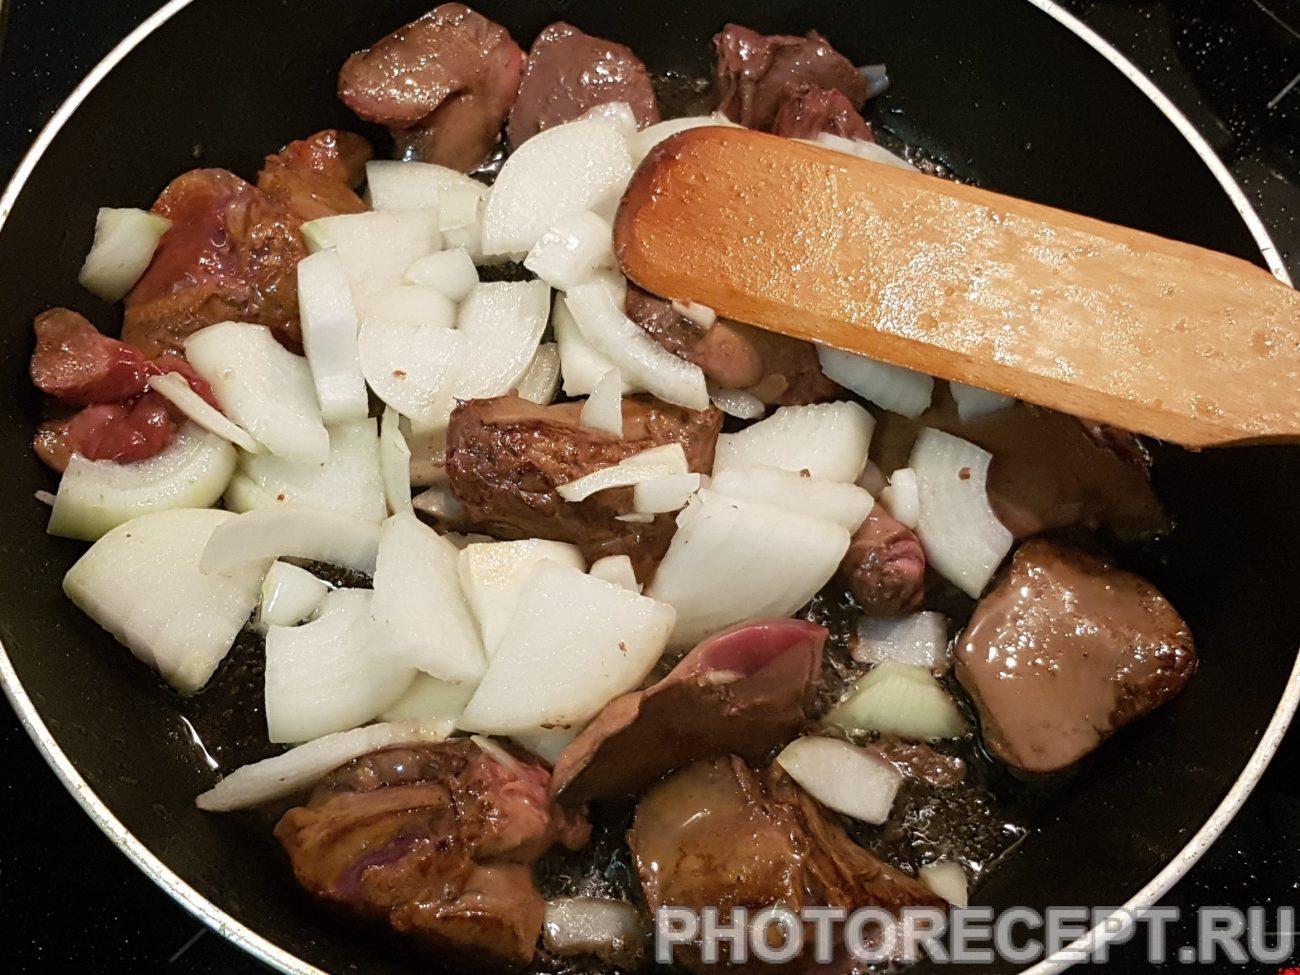 Рецепт паштета из куриной печени фото пошагово